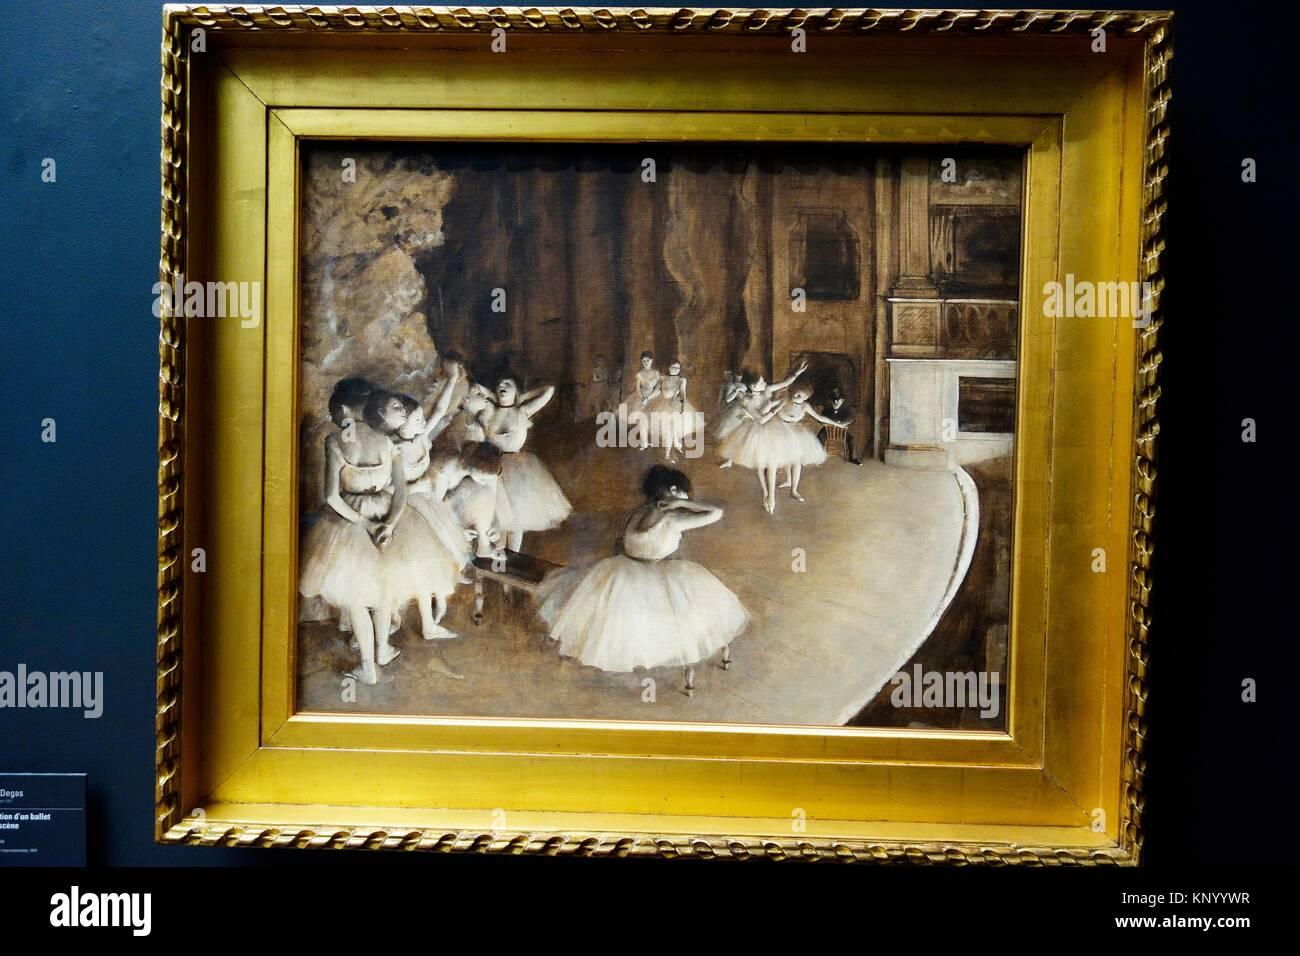 Repetition d'un ballet sur la scene. 1874. Edgar Degas. Orsay Museum. Paris. France. Europe. - Stock Image